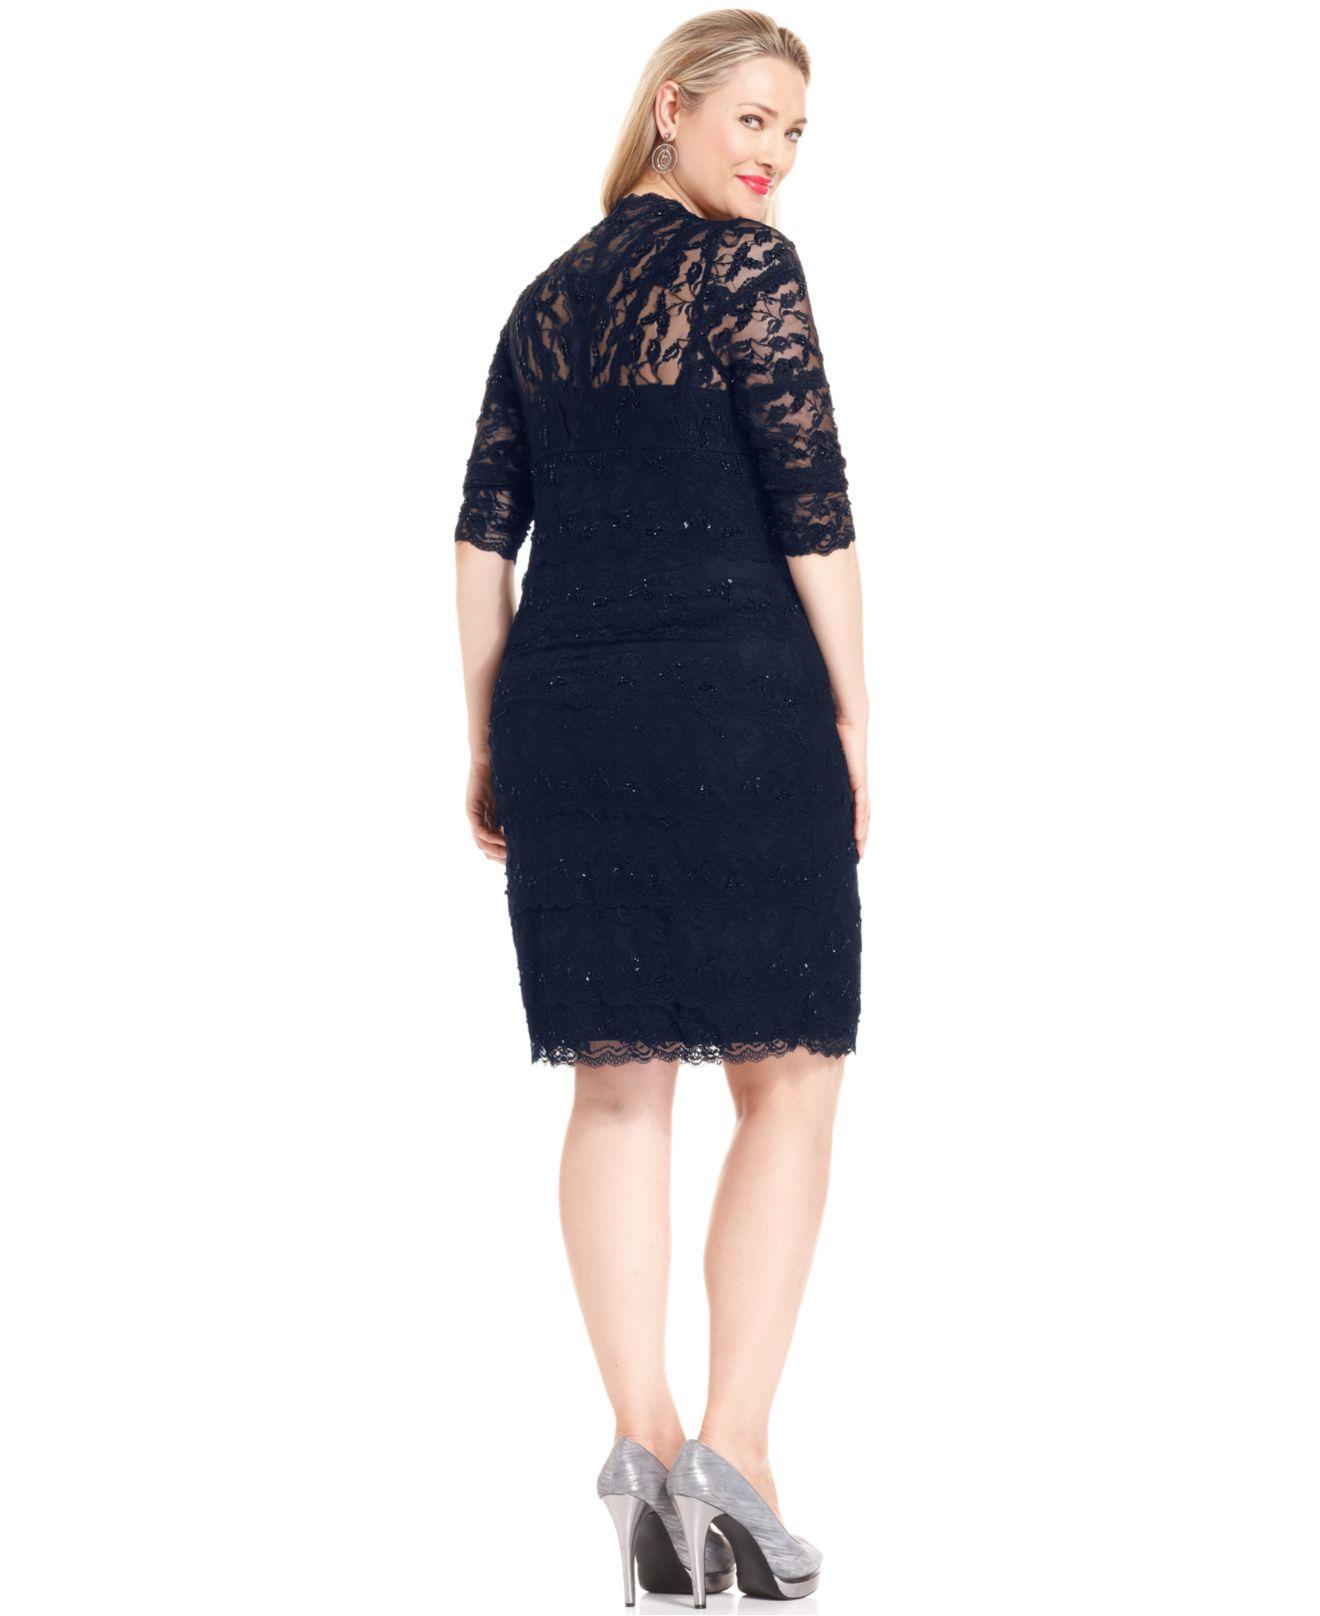 Blue Lace Dress Plus Size Fashion Dresses